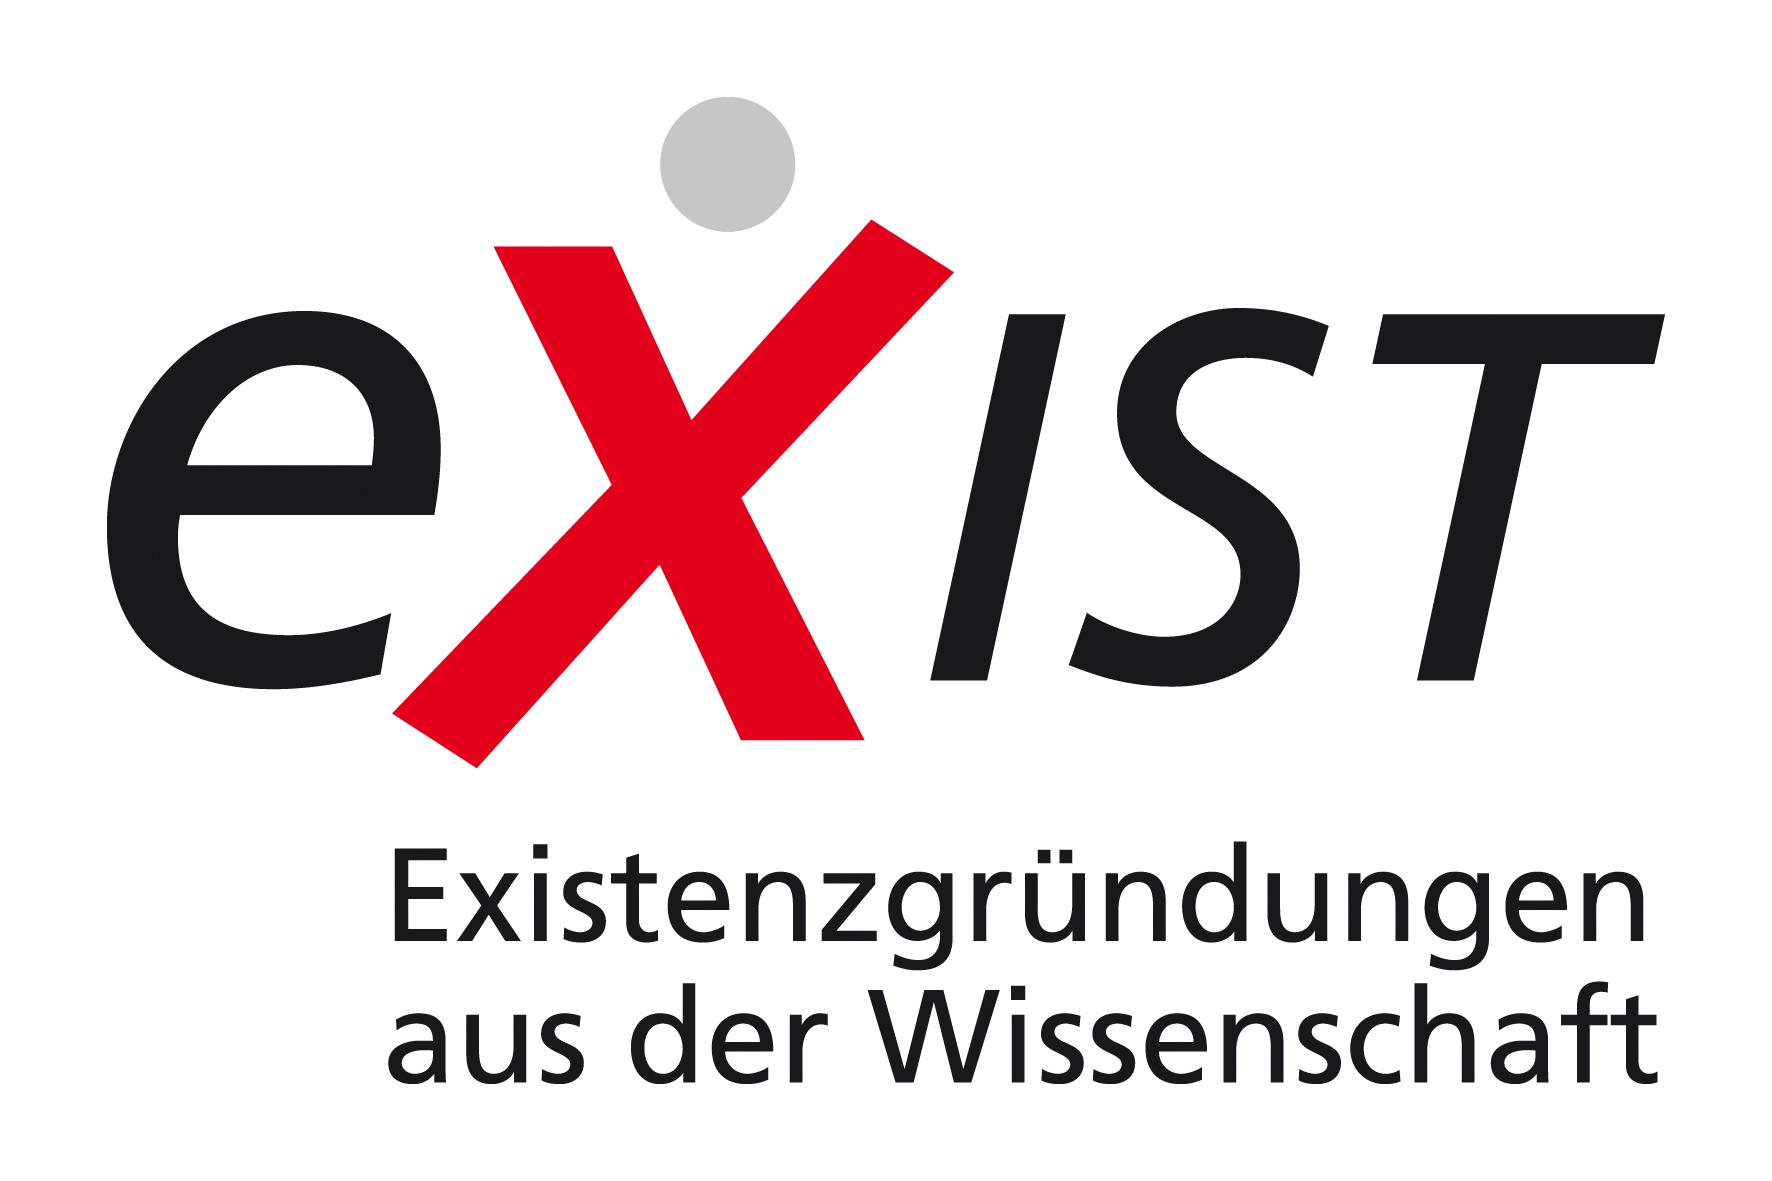 exist - Existenzgründung aus der Wissenschaft